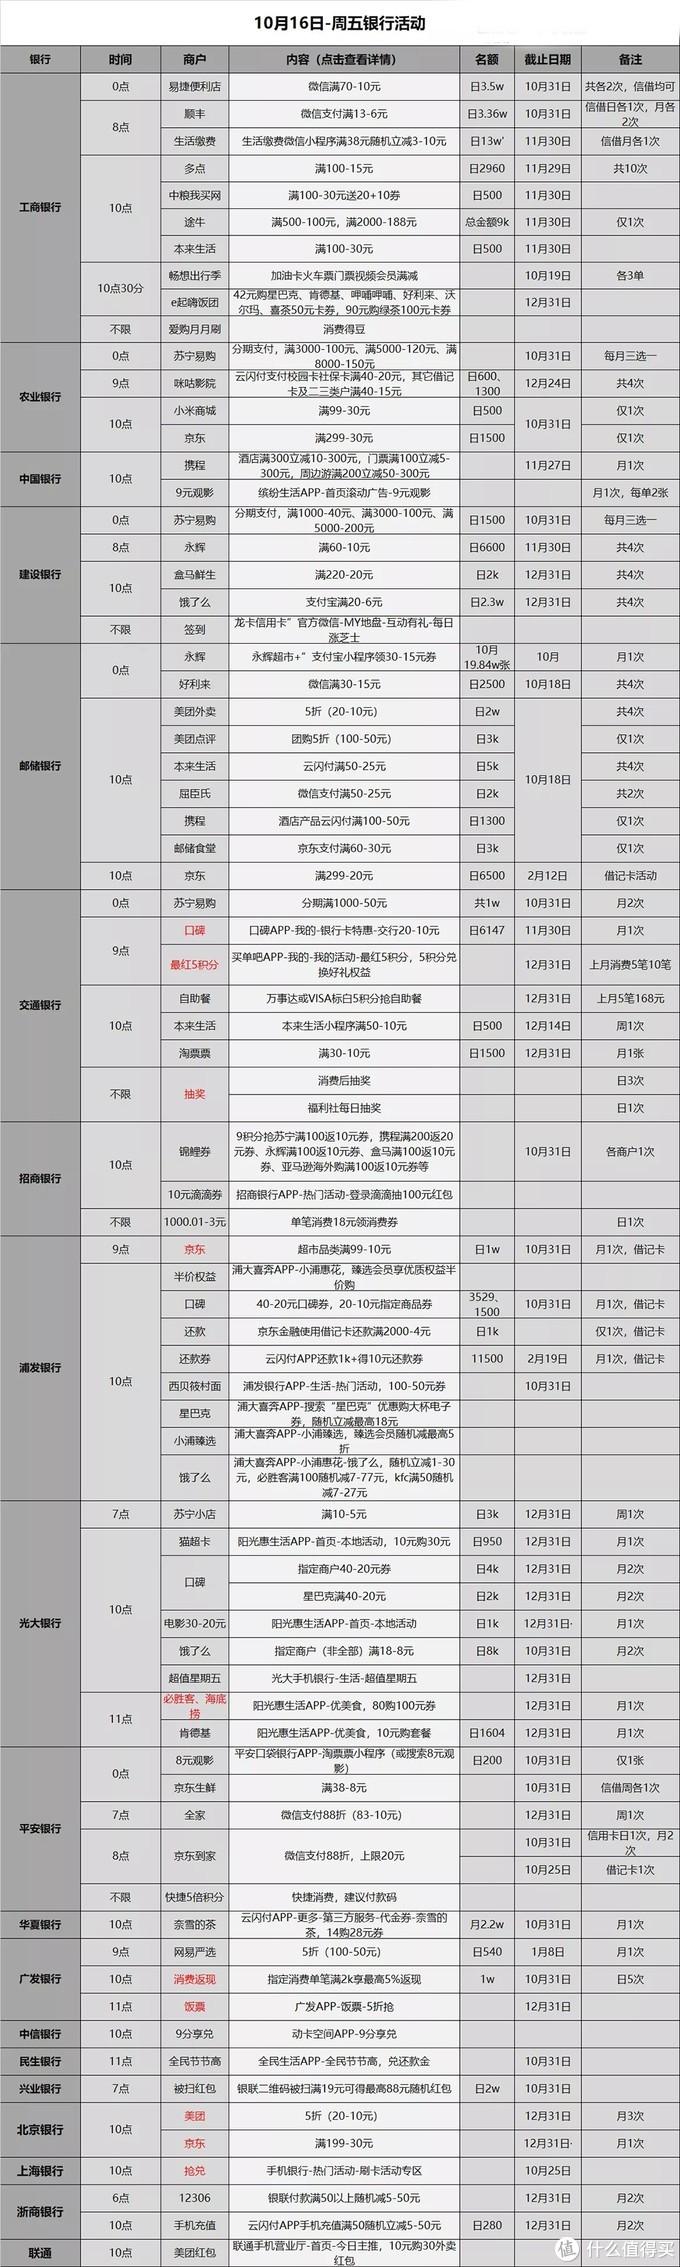 信用卡优惠活动分类汇总-2020.10.16